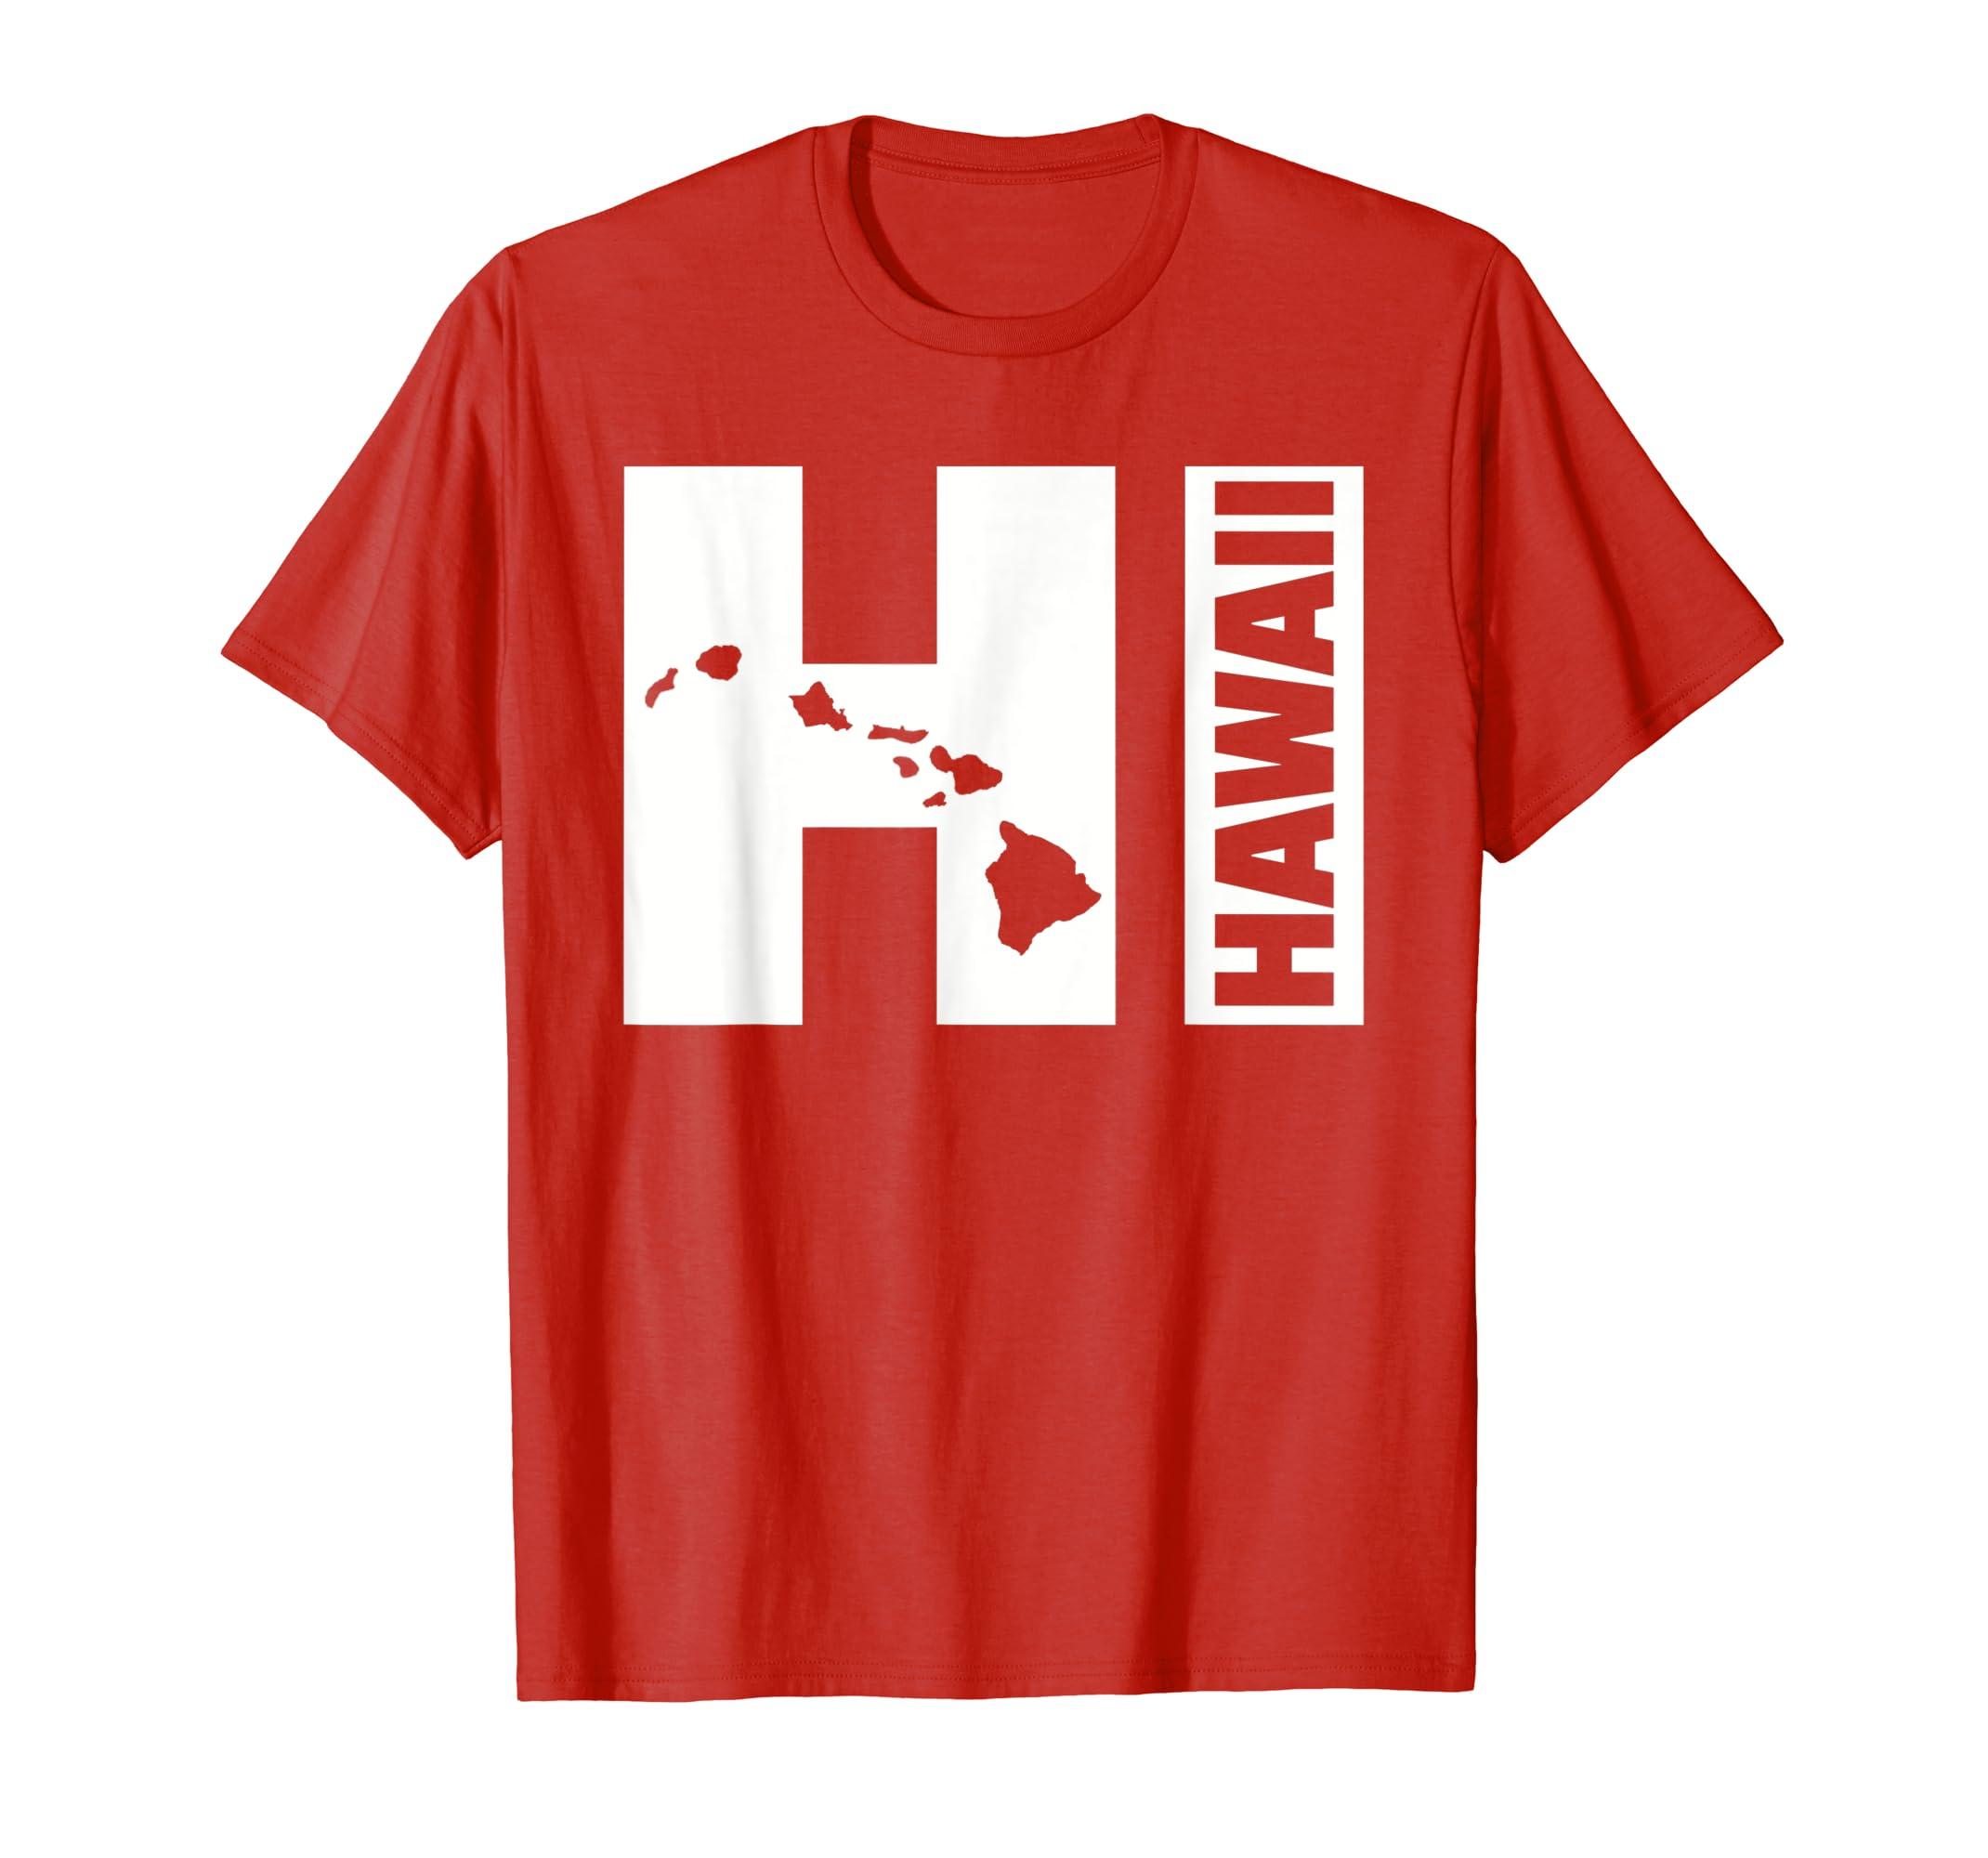 HI Hawaii islands T-Shirt-Teehay